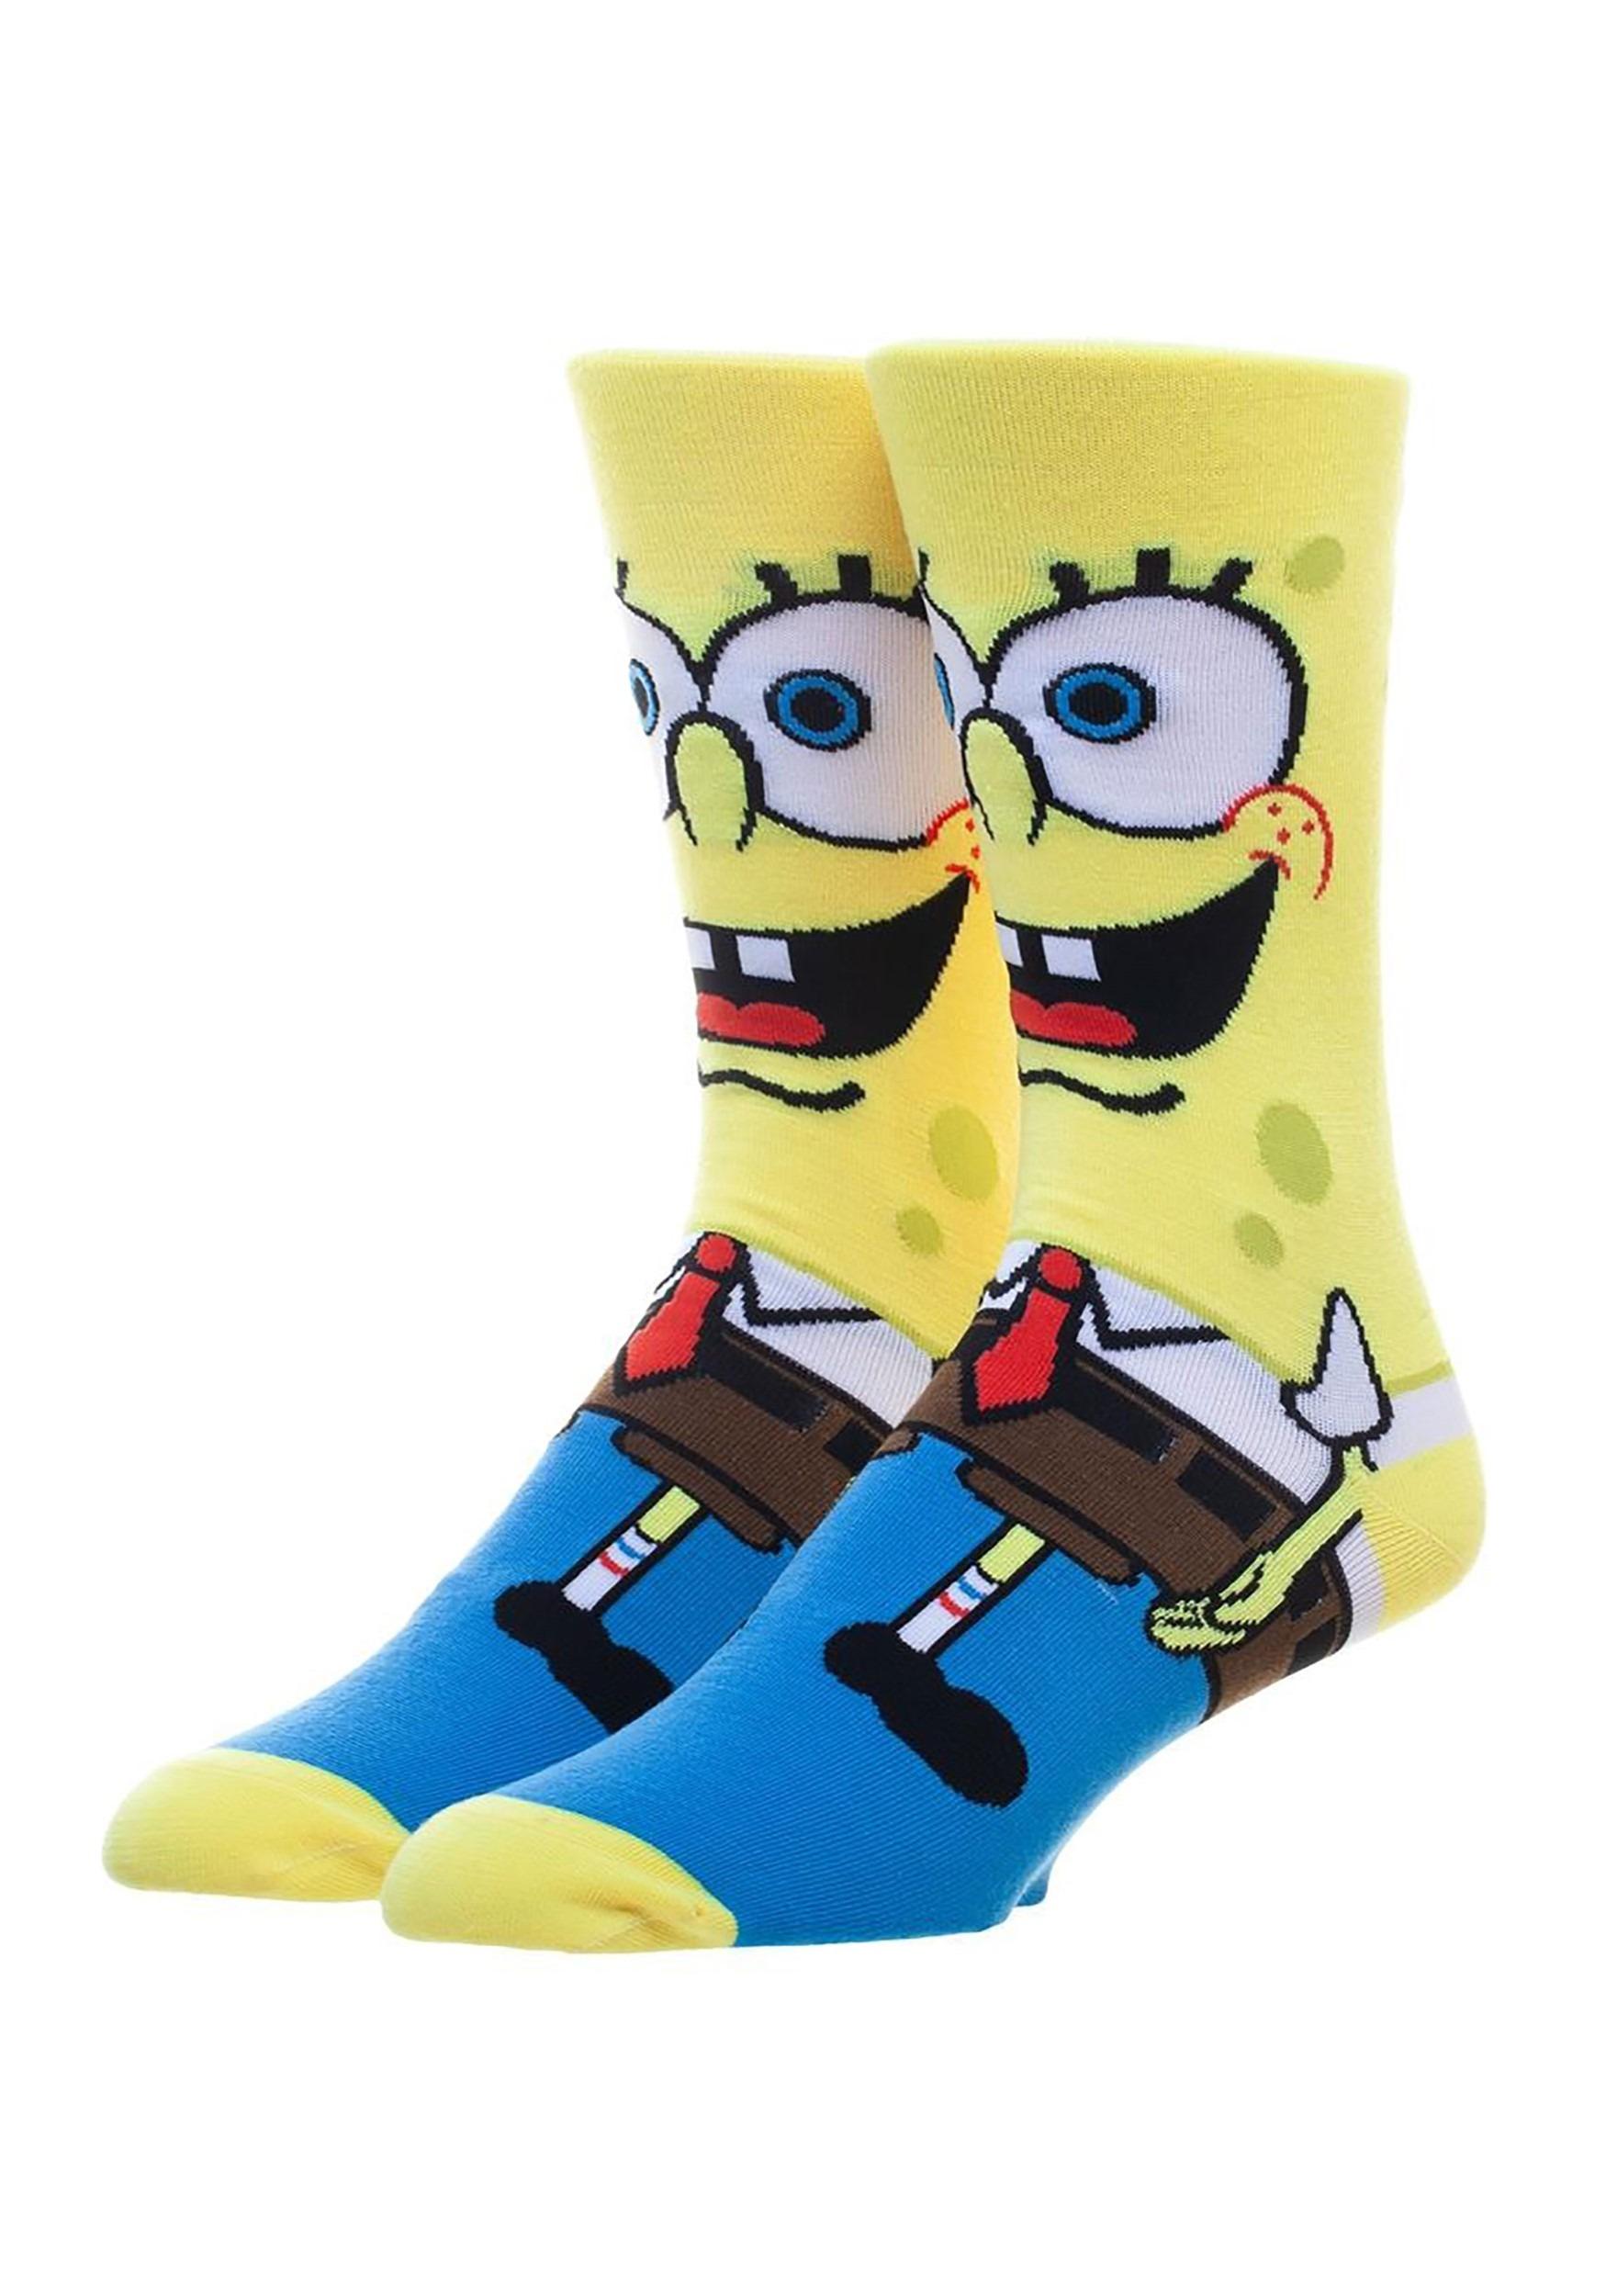 Nickelodeon Spongebob Squarepants 360 Character Crew Socks